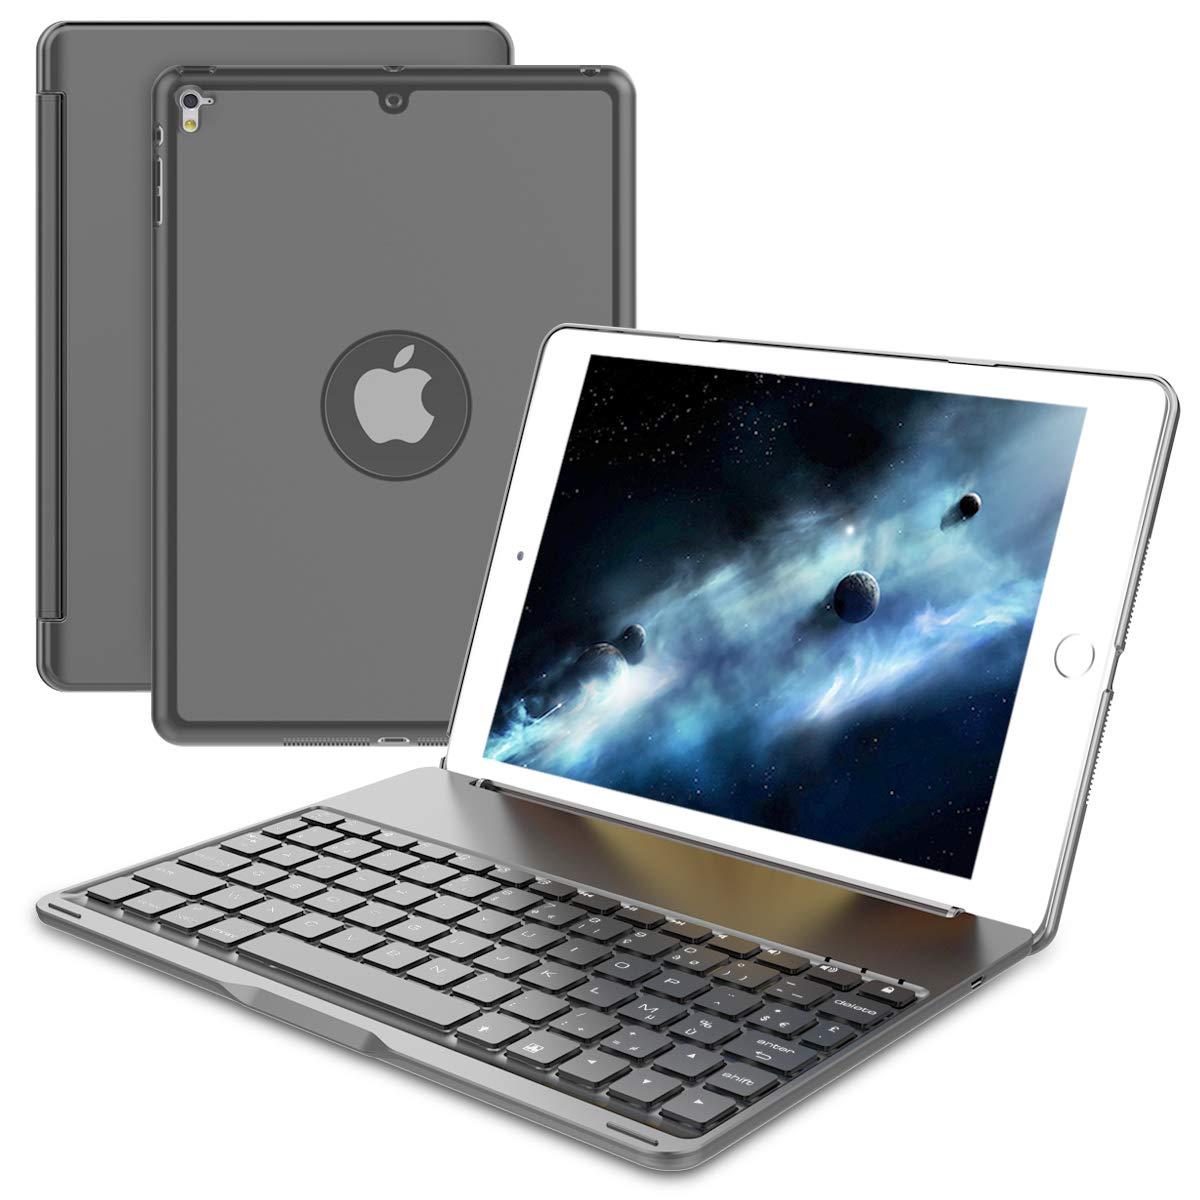 大特価 AICEDA iPad Pro iPad 9.7ケース ディフェンダーカバーケース グレー, バックカバー [傷/ほこり防止] スリムフィットカバー 耐衝撃 耐衝撃 頑丈 フルボディ保護カバー iPad Pro 9.7対応 - グレー, グレー, HOF7-K7-706 グレー B07L3THKKG, Luminous-club:d898fbd3 --- a0267596.xsph.ru